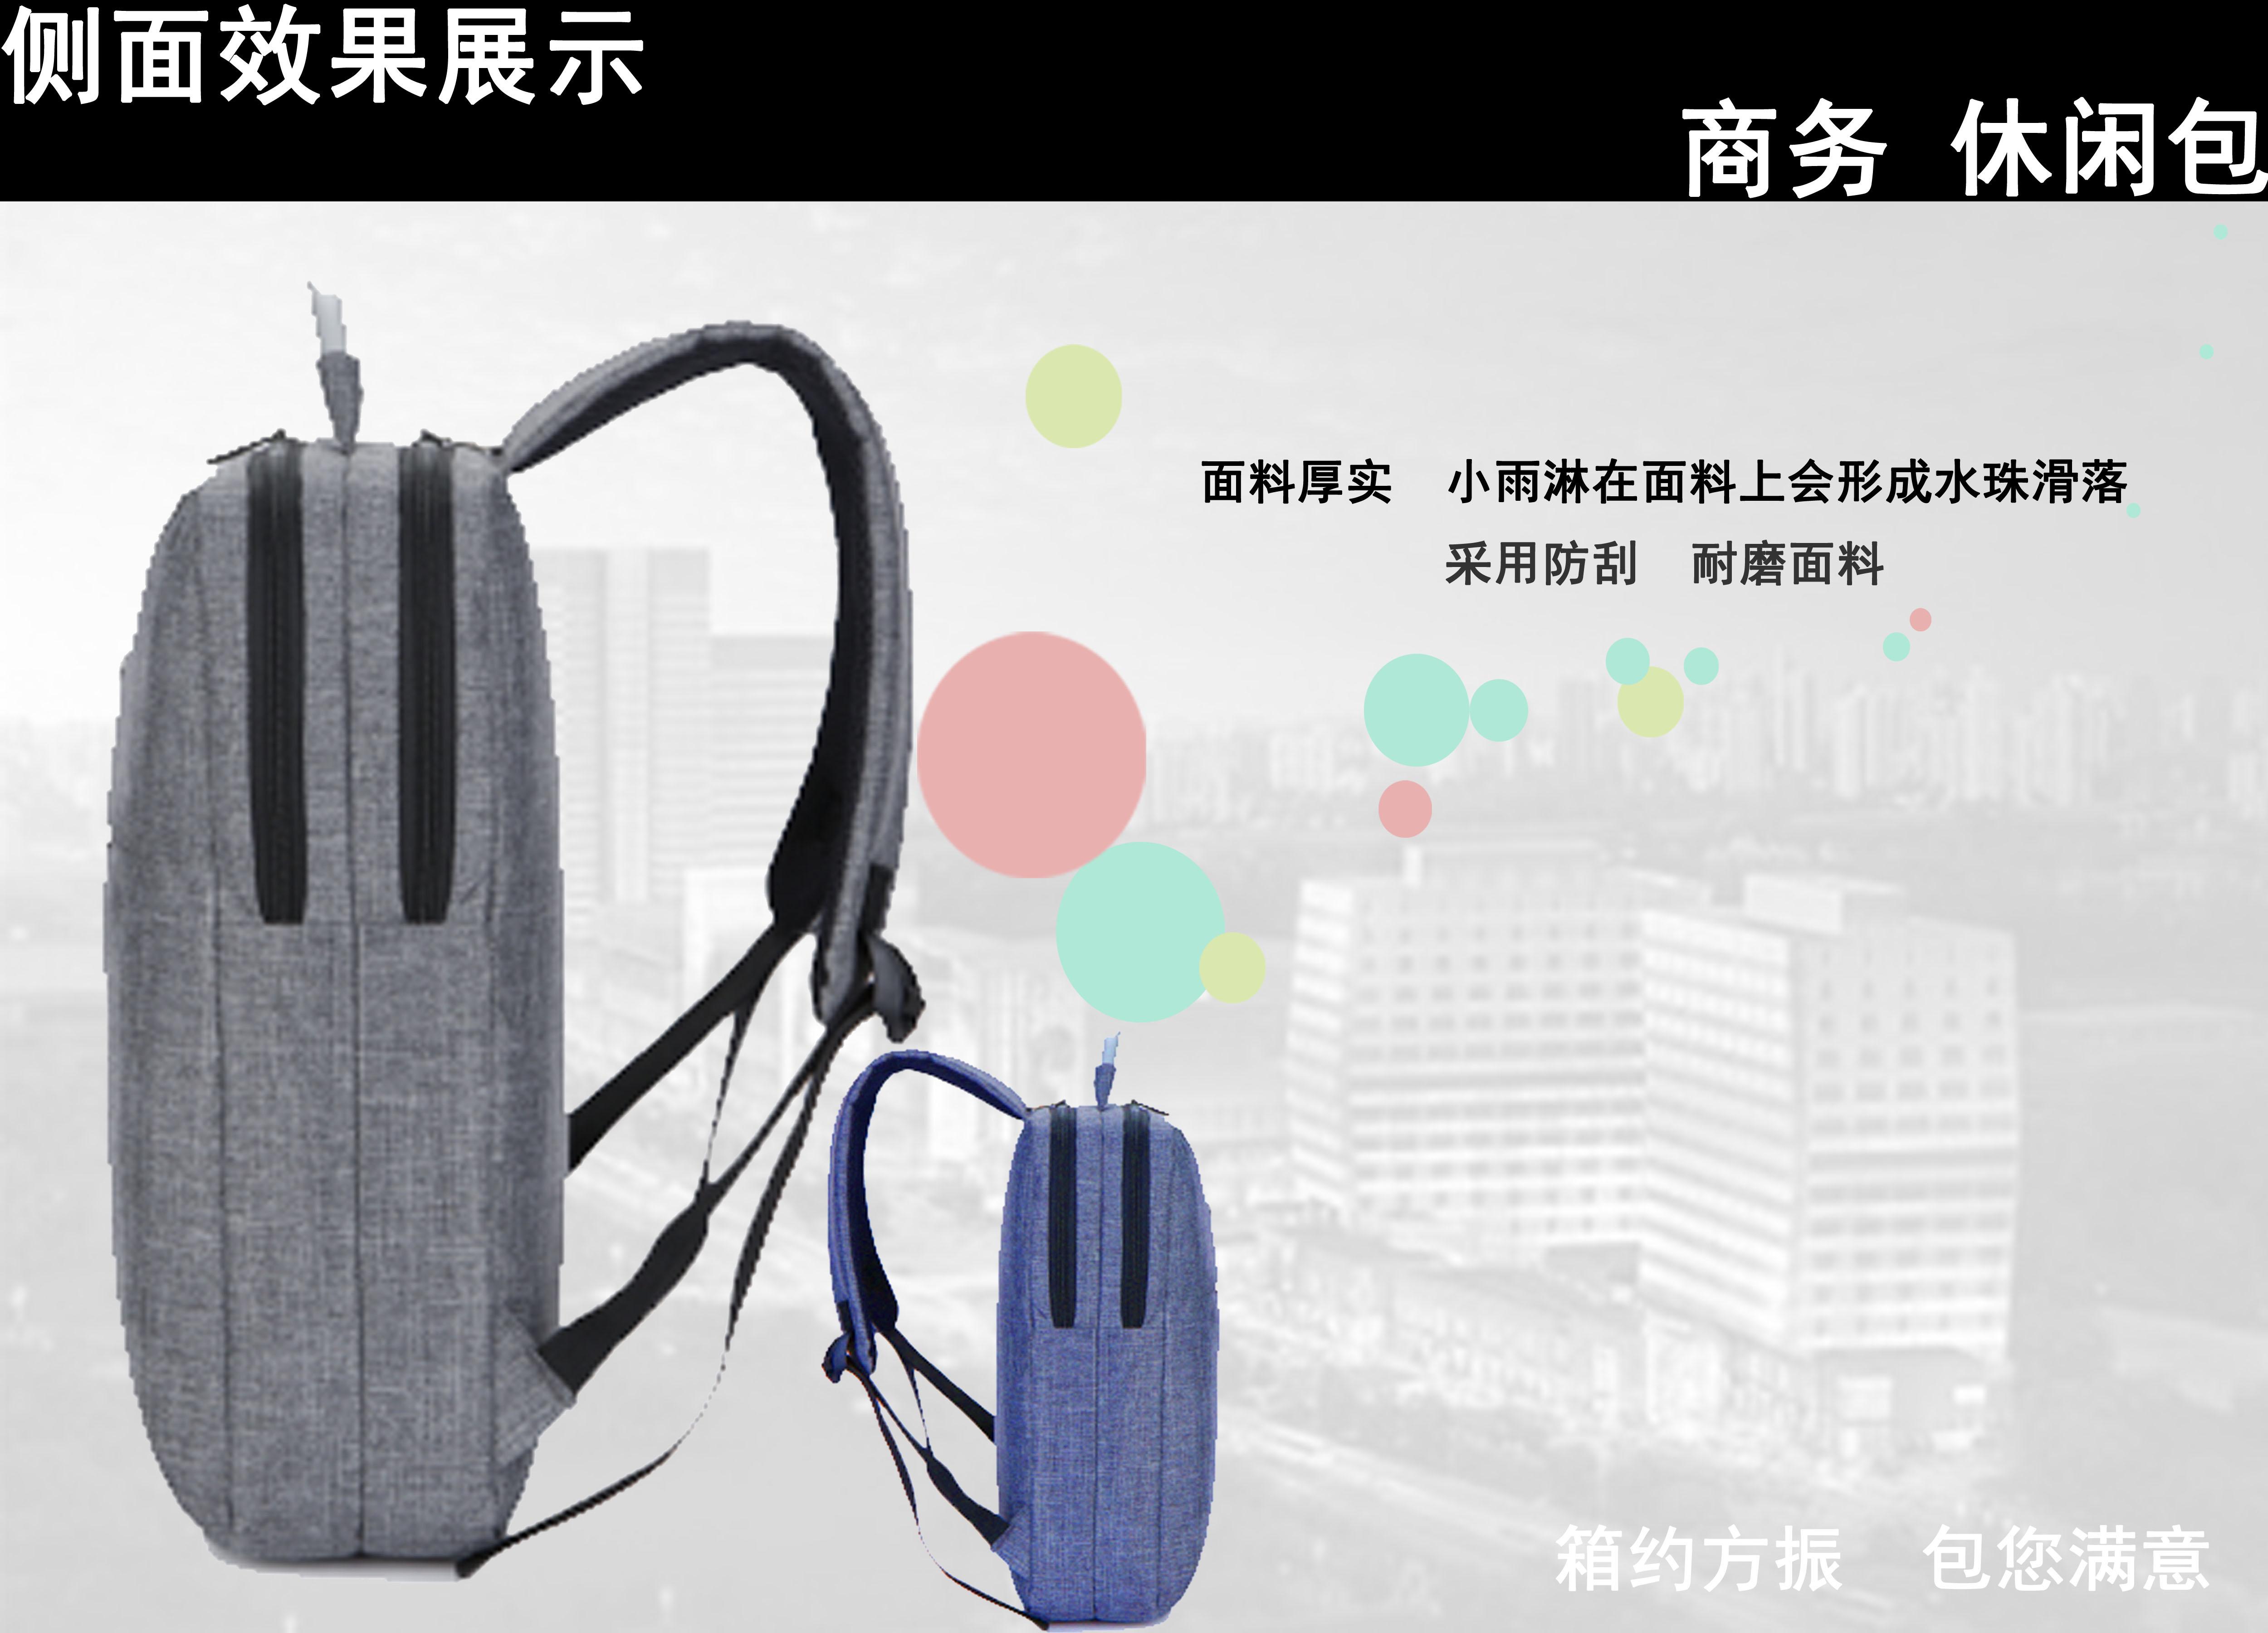 fzx170016C背包侧面-1.jpg